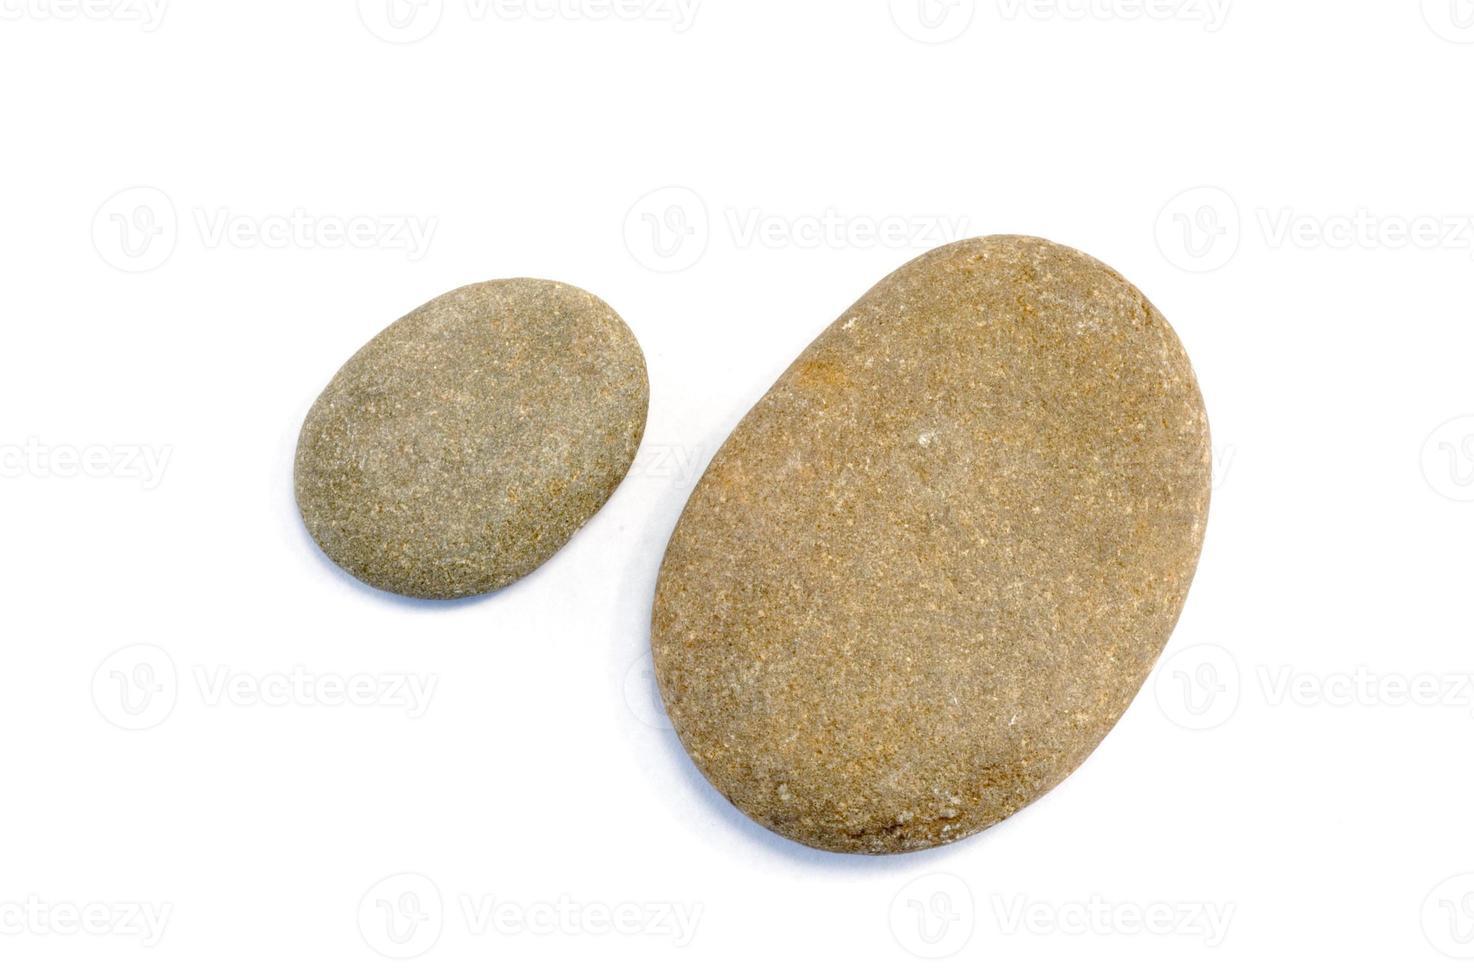 zwei Steine foto